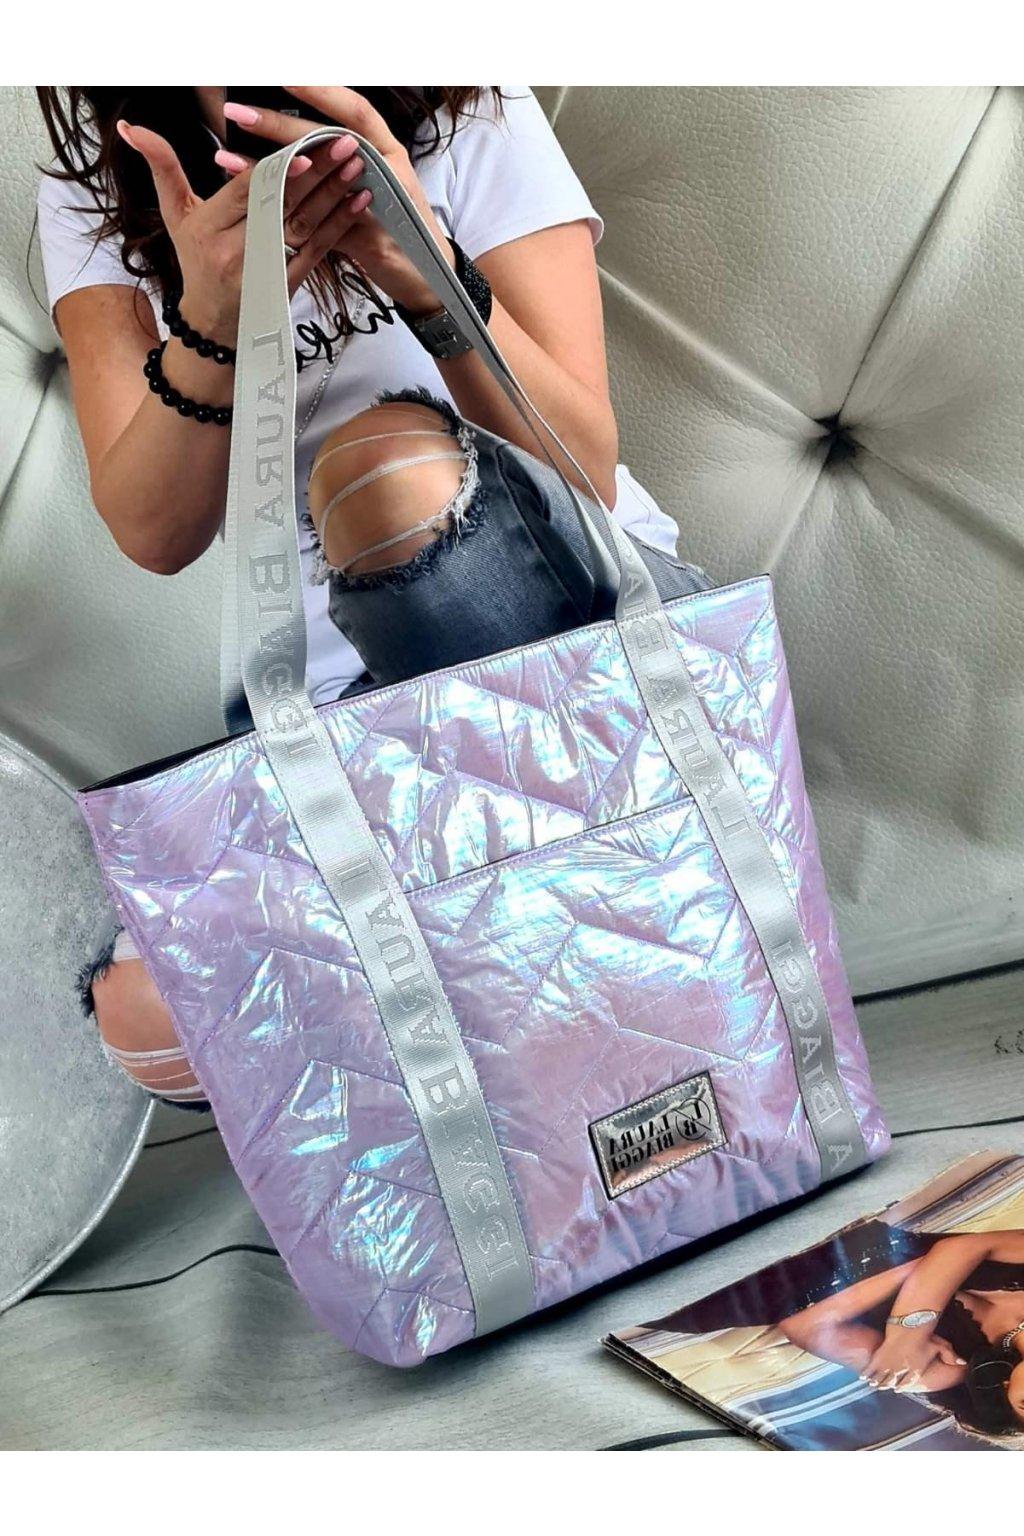 Kabelka Laura Biaggi lila maxi trendy značková luxusní kabelka